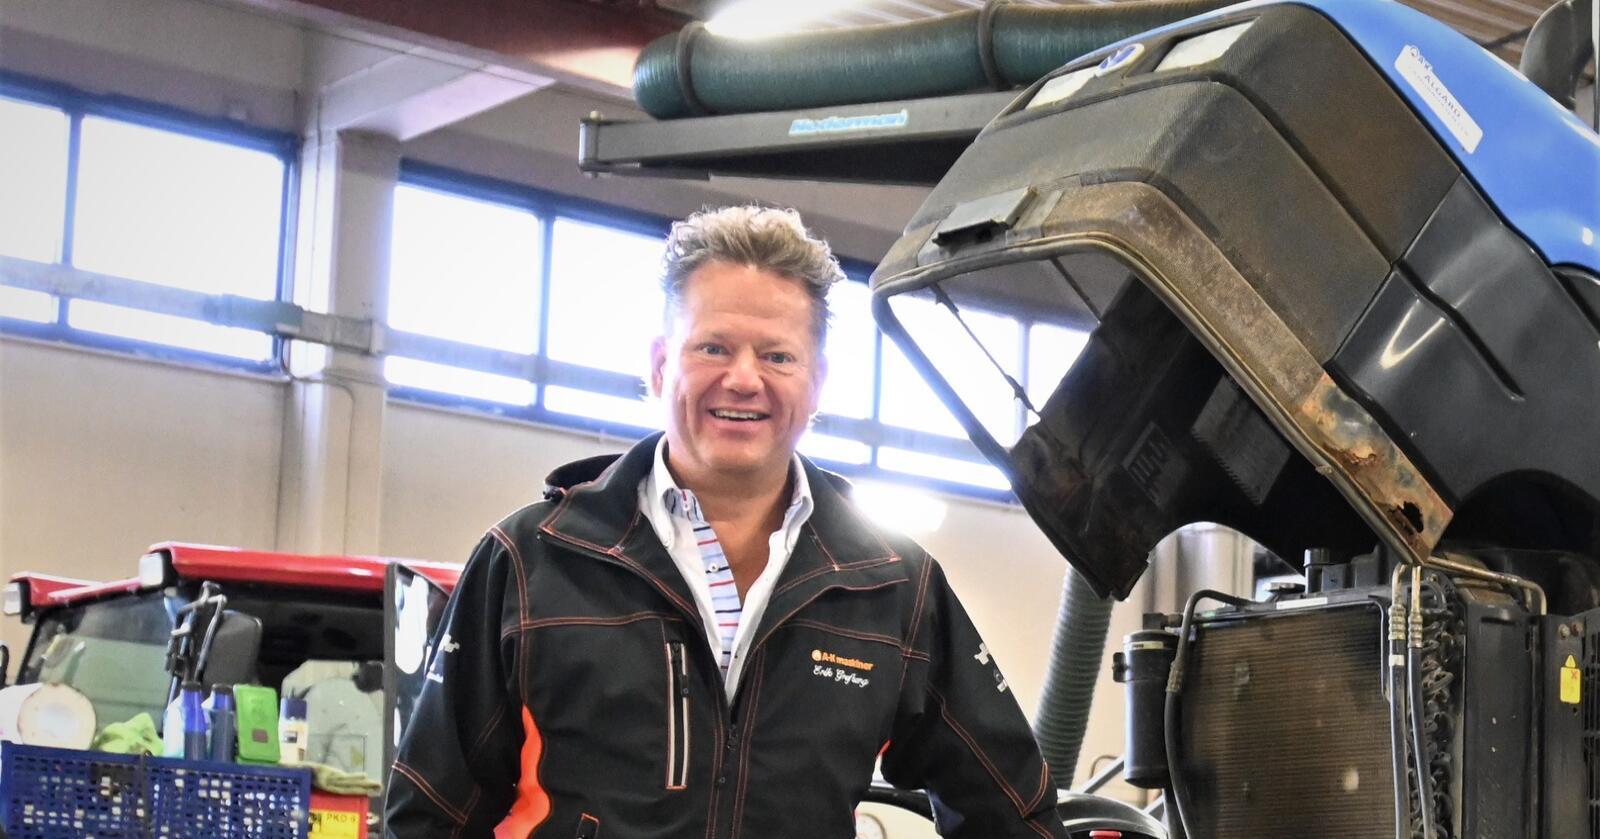 Tap: A-K maskiner tapte penger i 2020, og administrerende direktør Erik Grefberg forklarer årsakene.